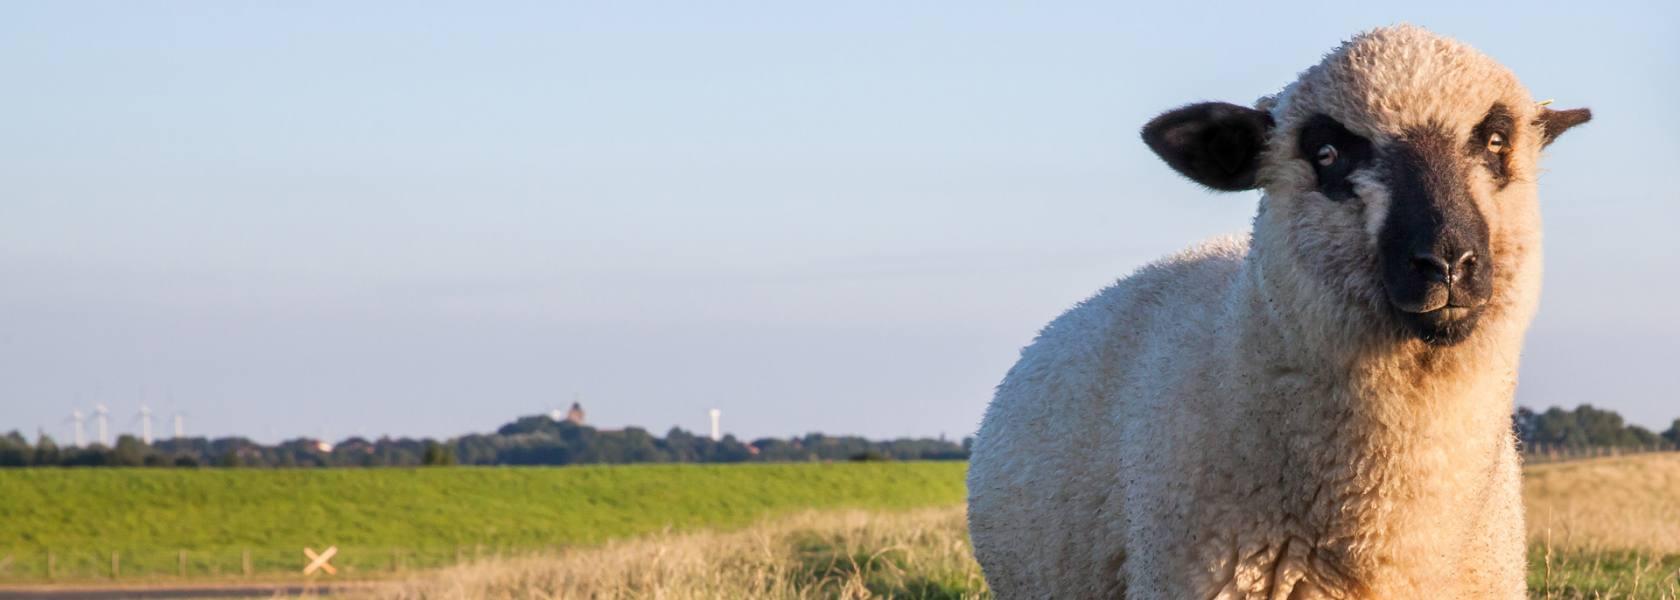 Schaf auf dem Deich, © Dietmar Scherf